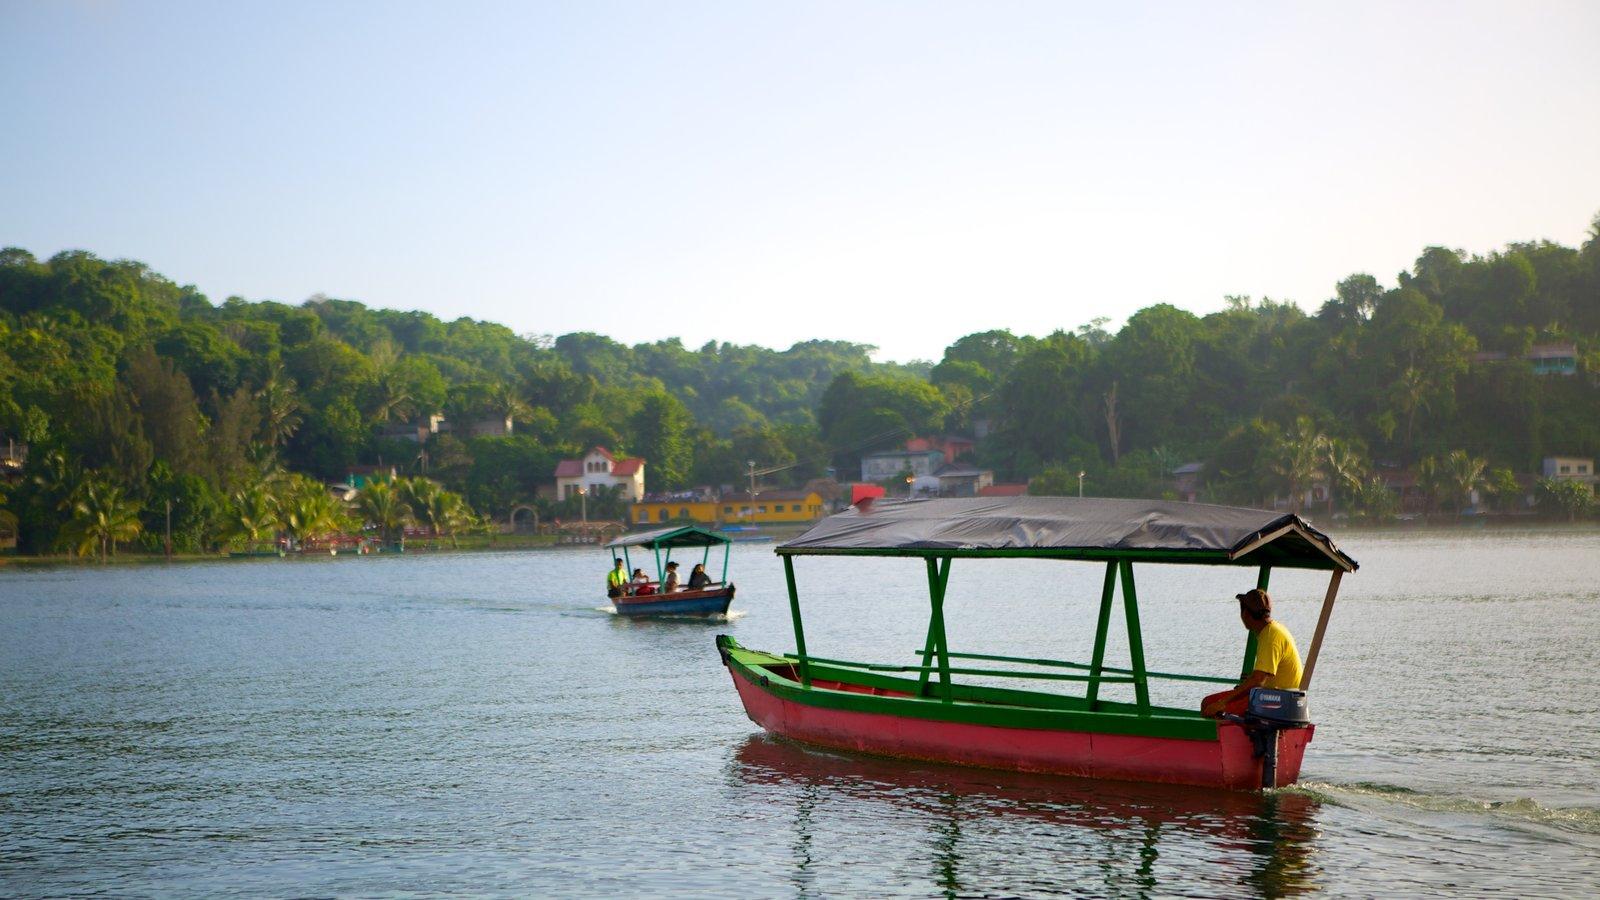 Flores que incluye una ciudad costera, paseos en lancha y un lago o abrevadero